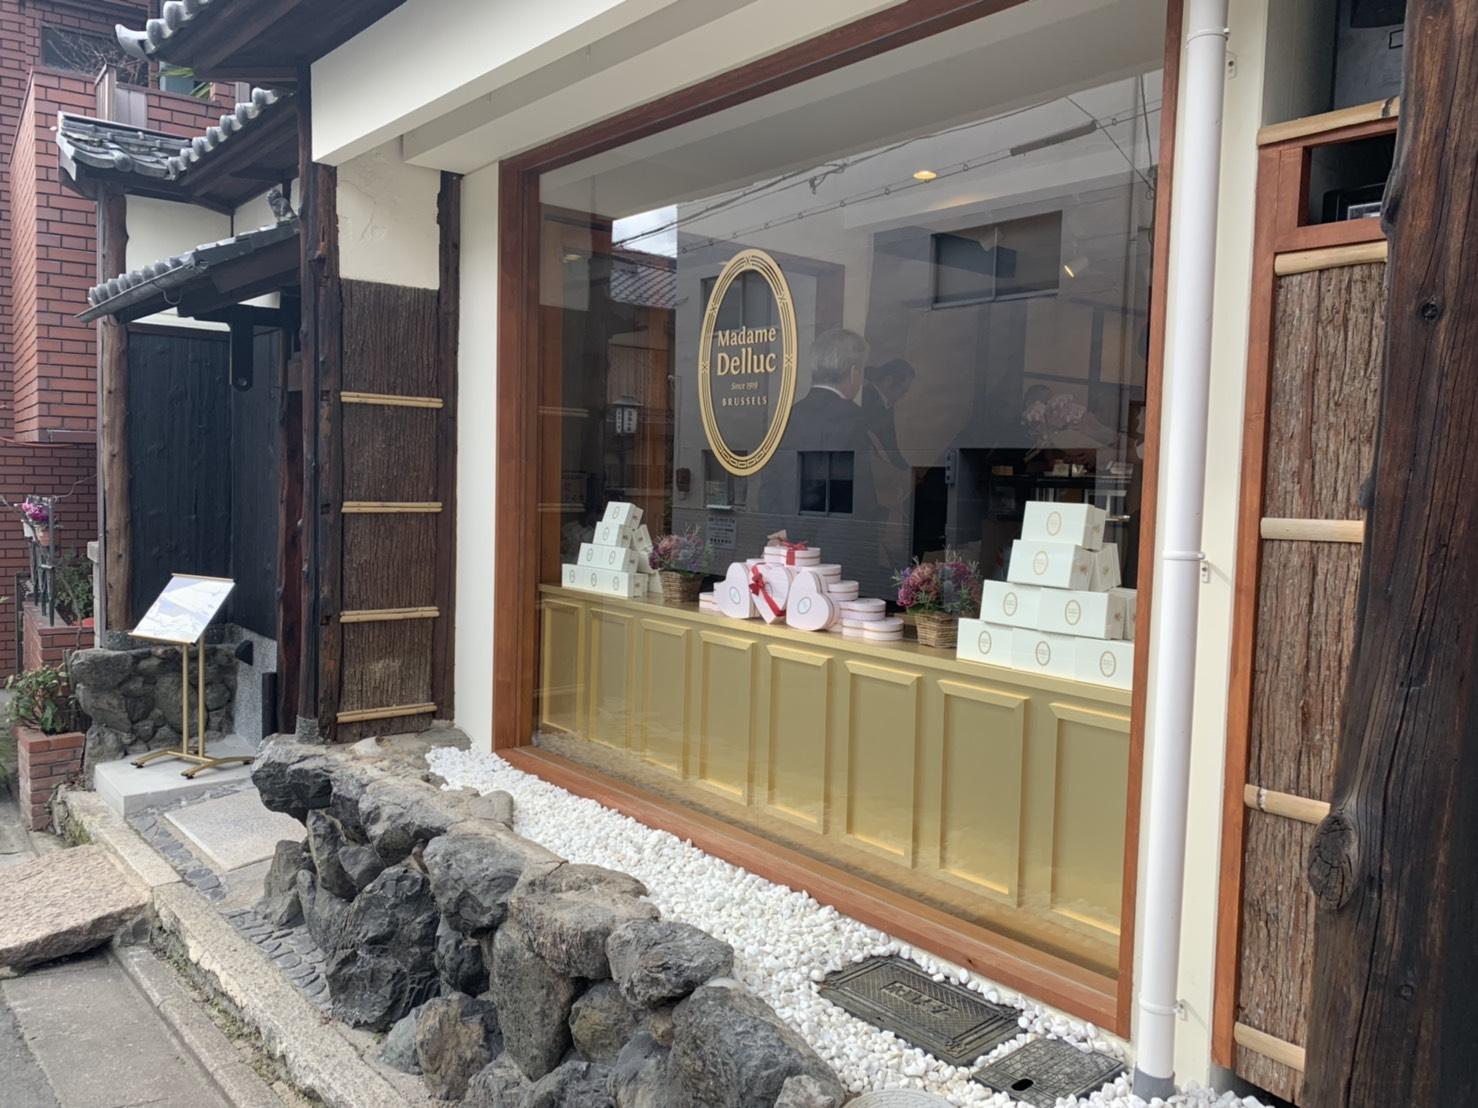 バレンタインにおすすめ♡日本初上陸のインスタ映えチョコレート店「Madame Delluc」がオープン_2